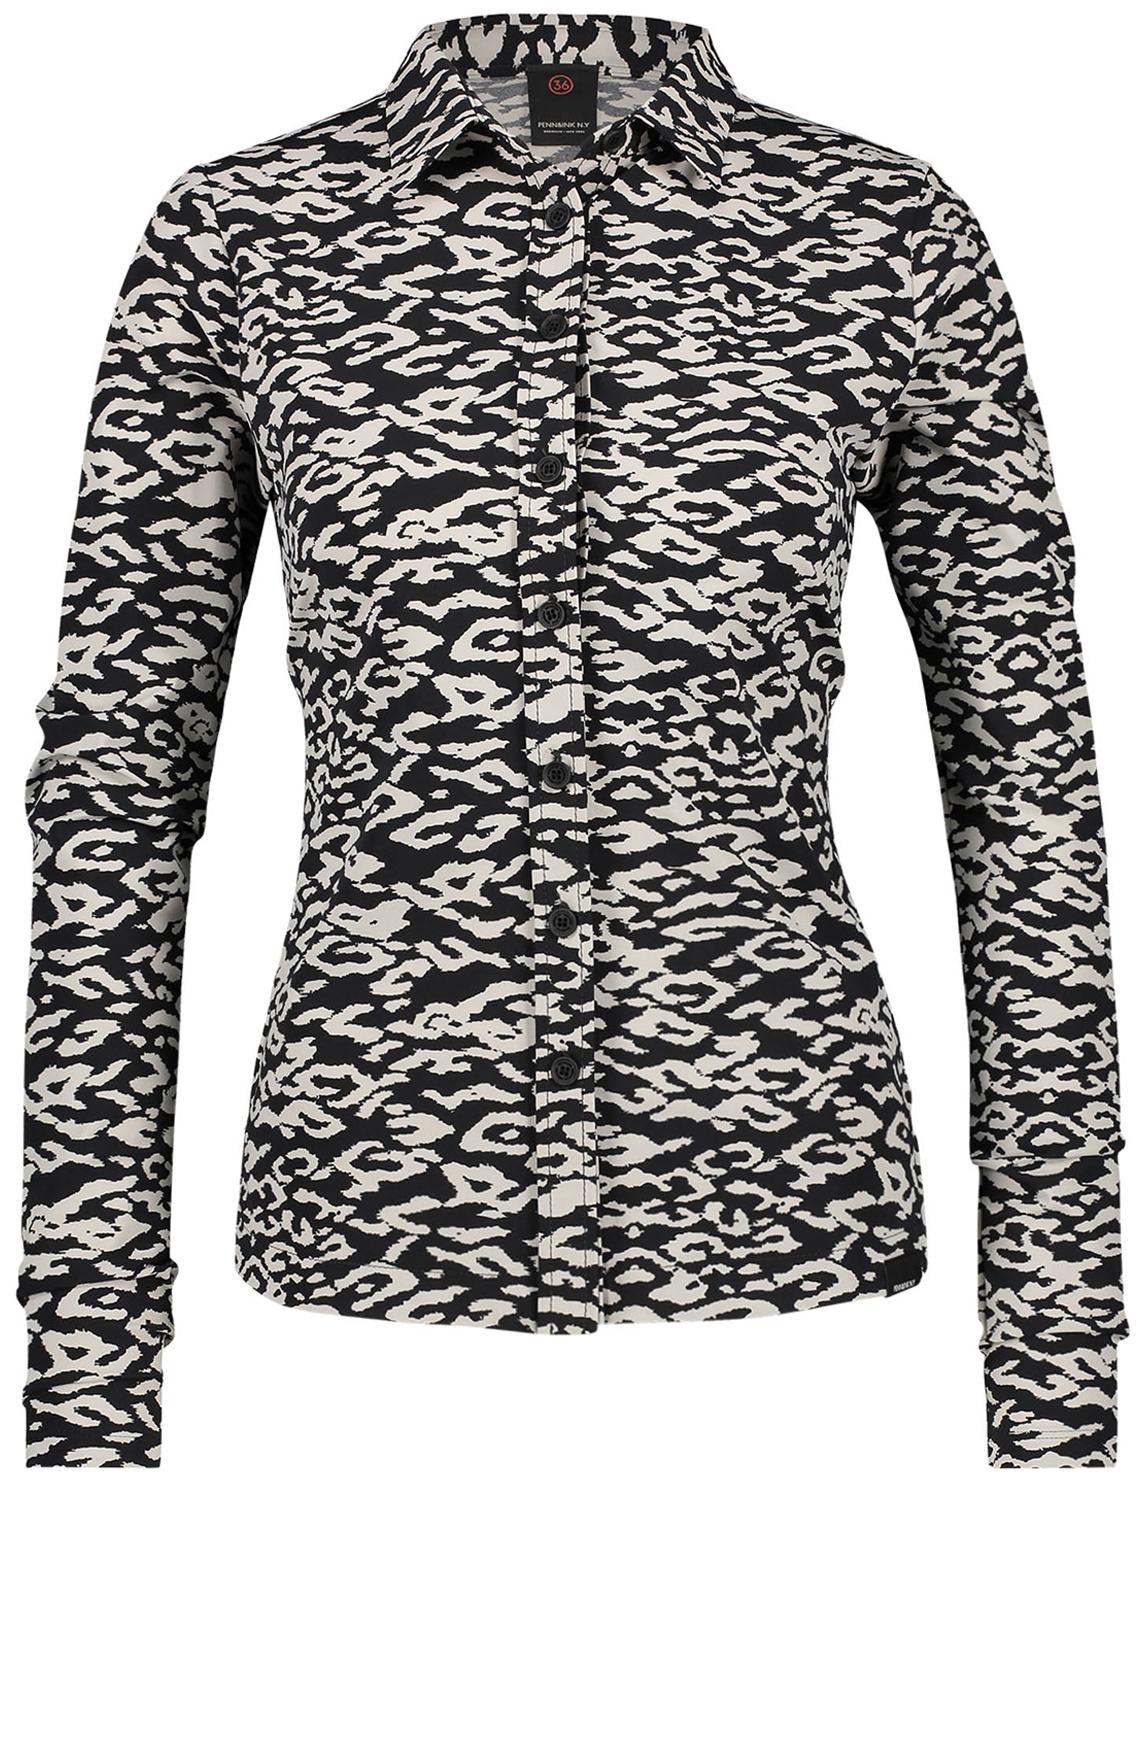 Penn & Ink Dames Blouse met animalprint zwart